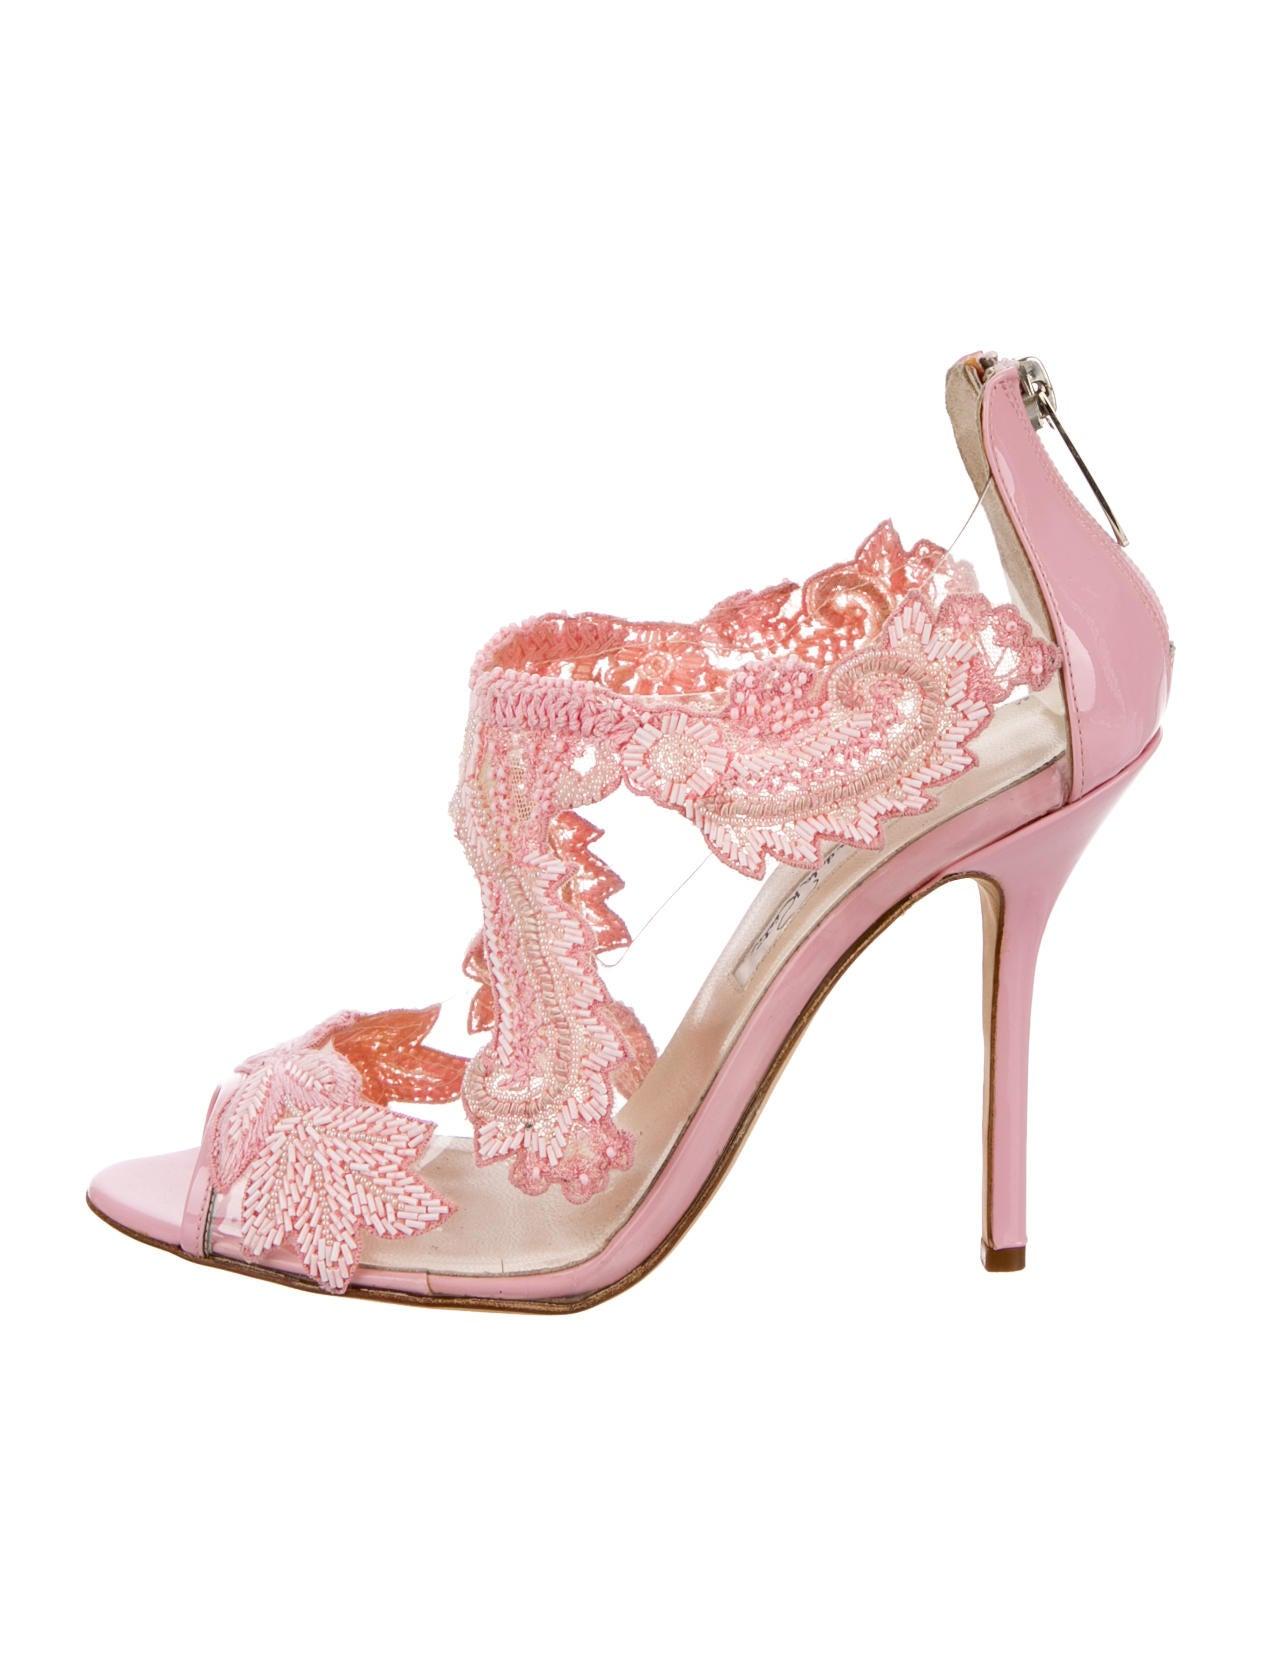 footlocker sale online cheap shop offer Oscar de la Renta Ponyhair Peep-Toe Booties w/ Tags hsXwn